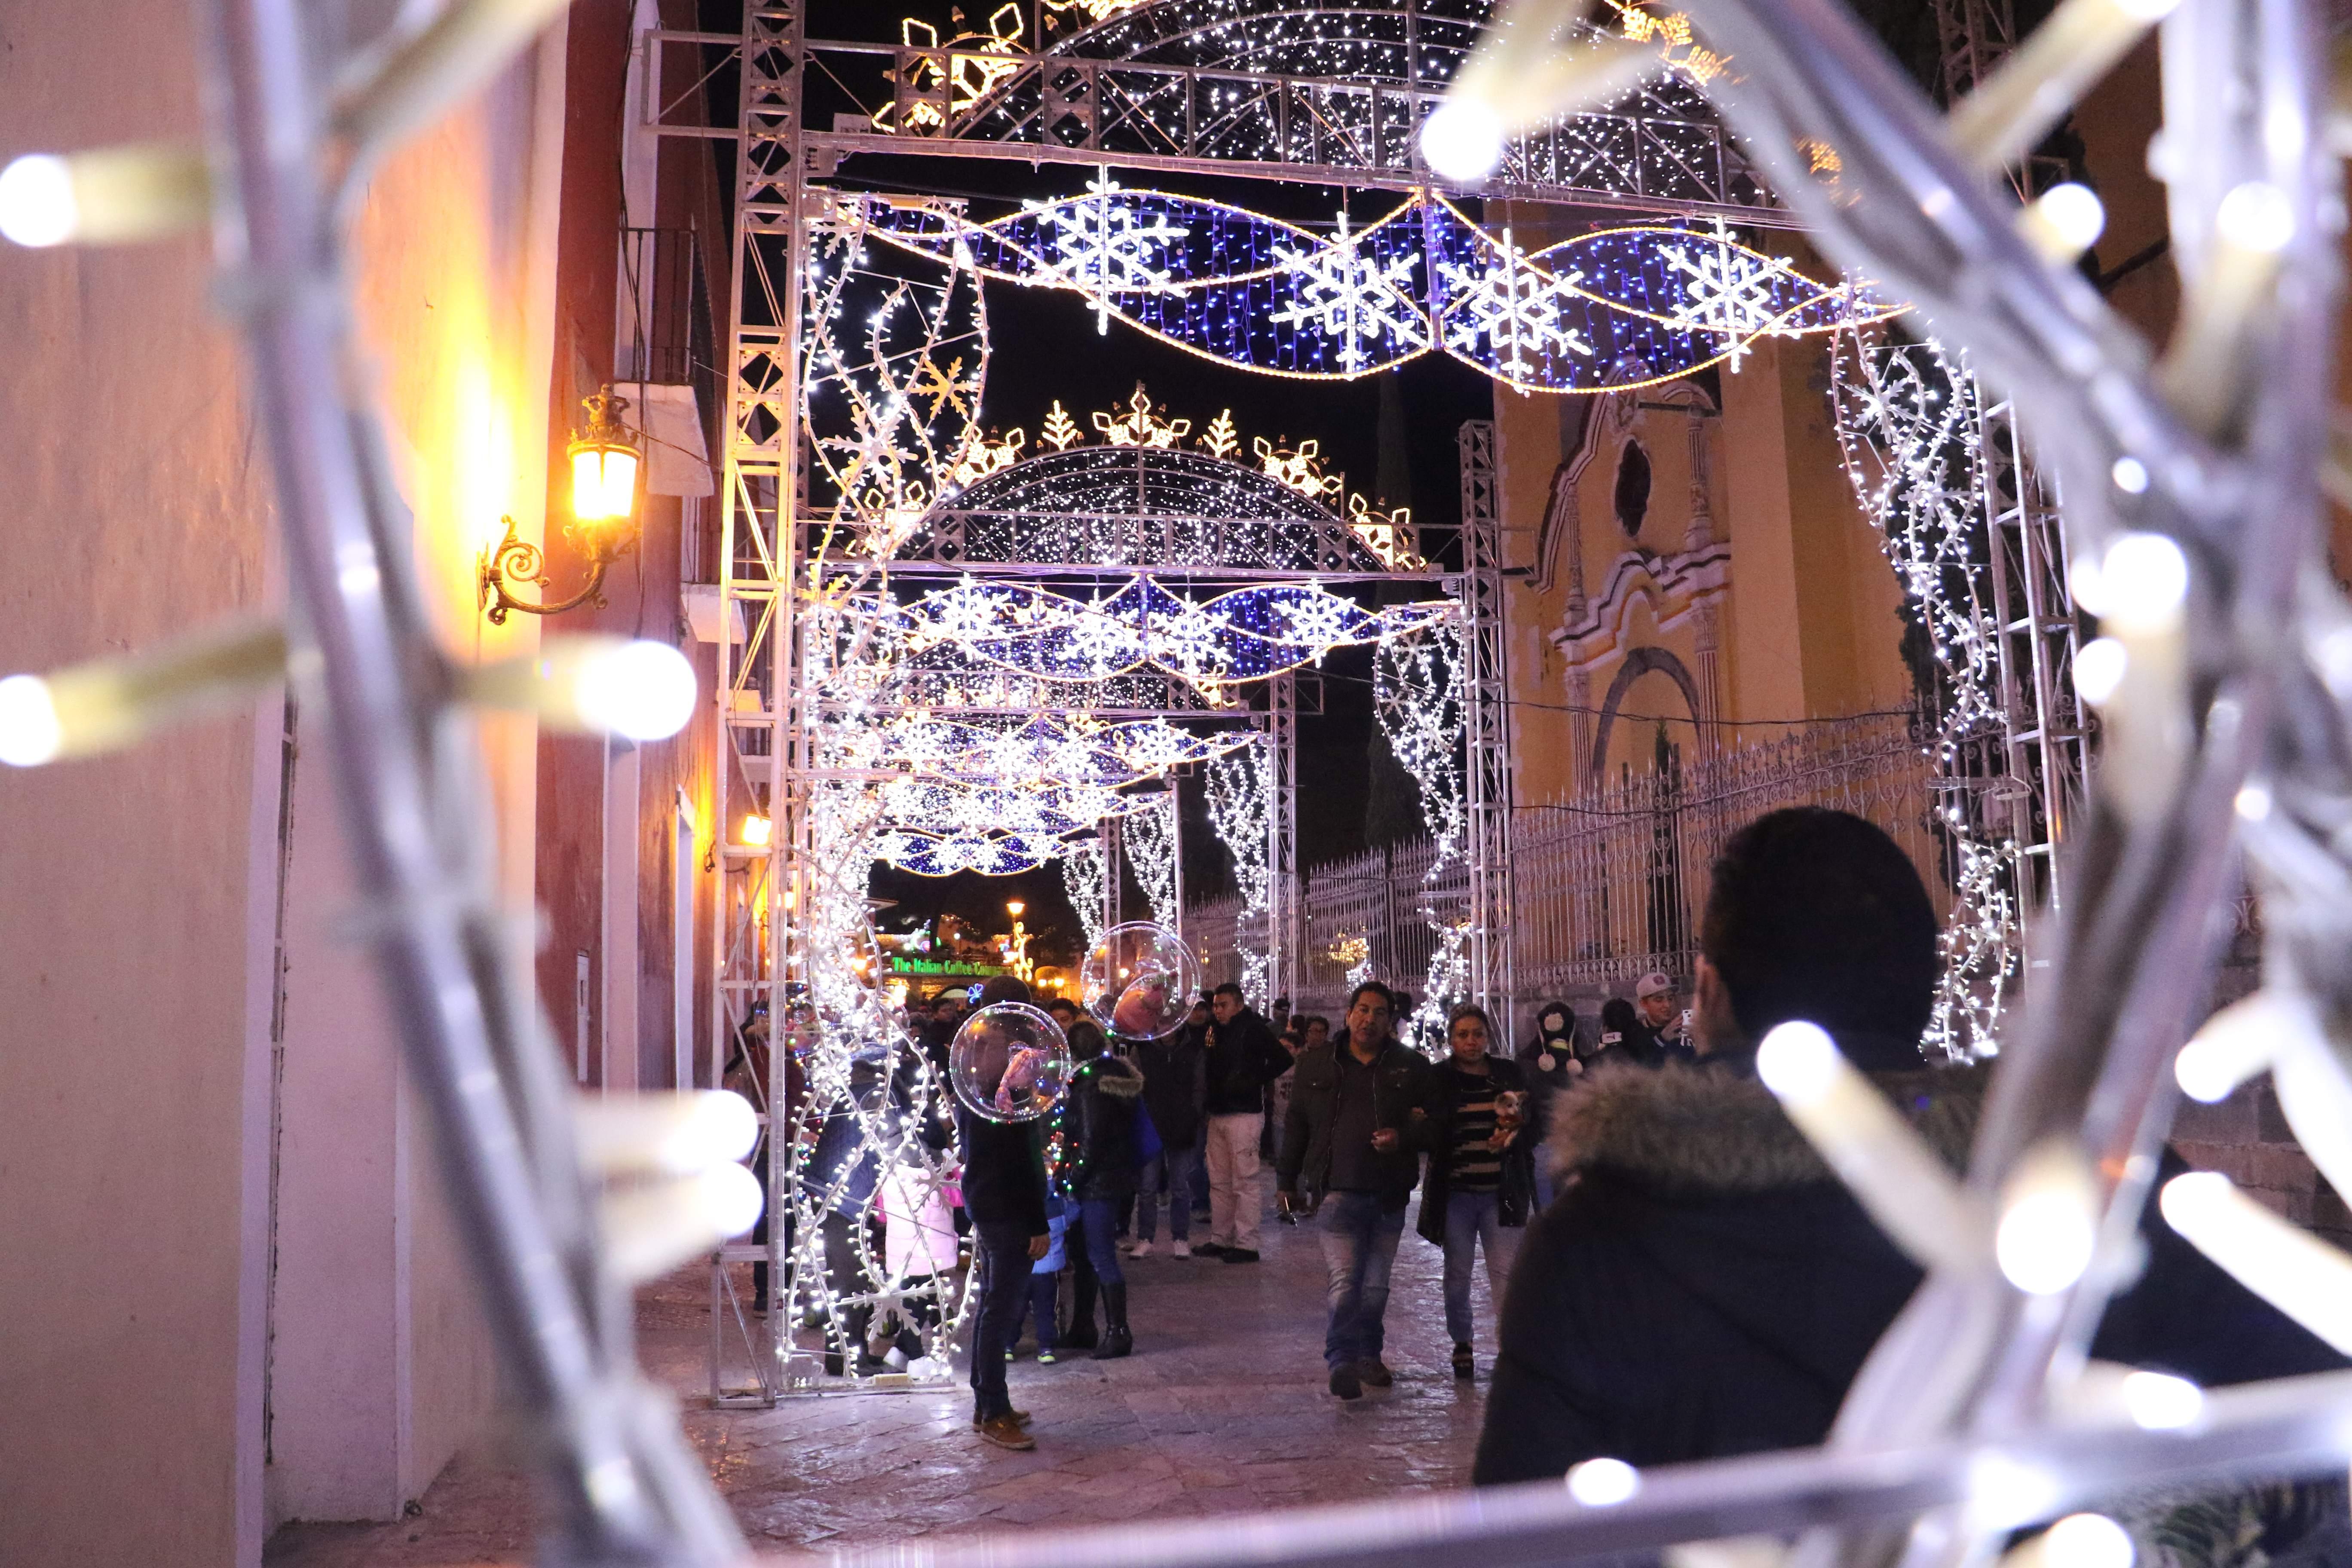 98fb6959f39 Villas iluminadas en México  dónde disfrutar el encanto de la Navidad